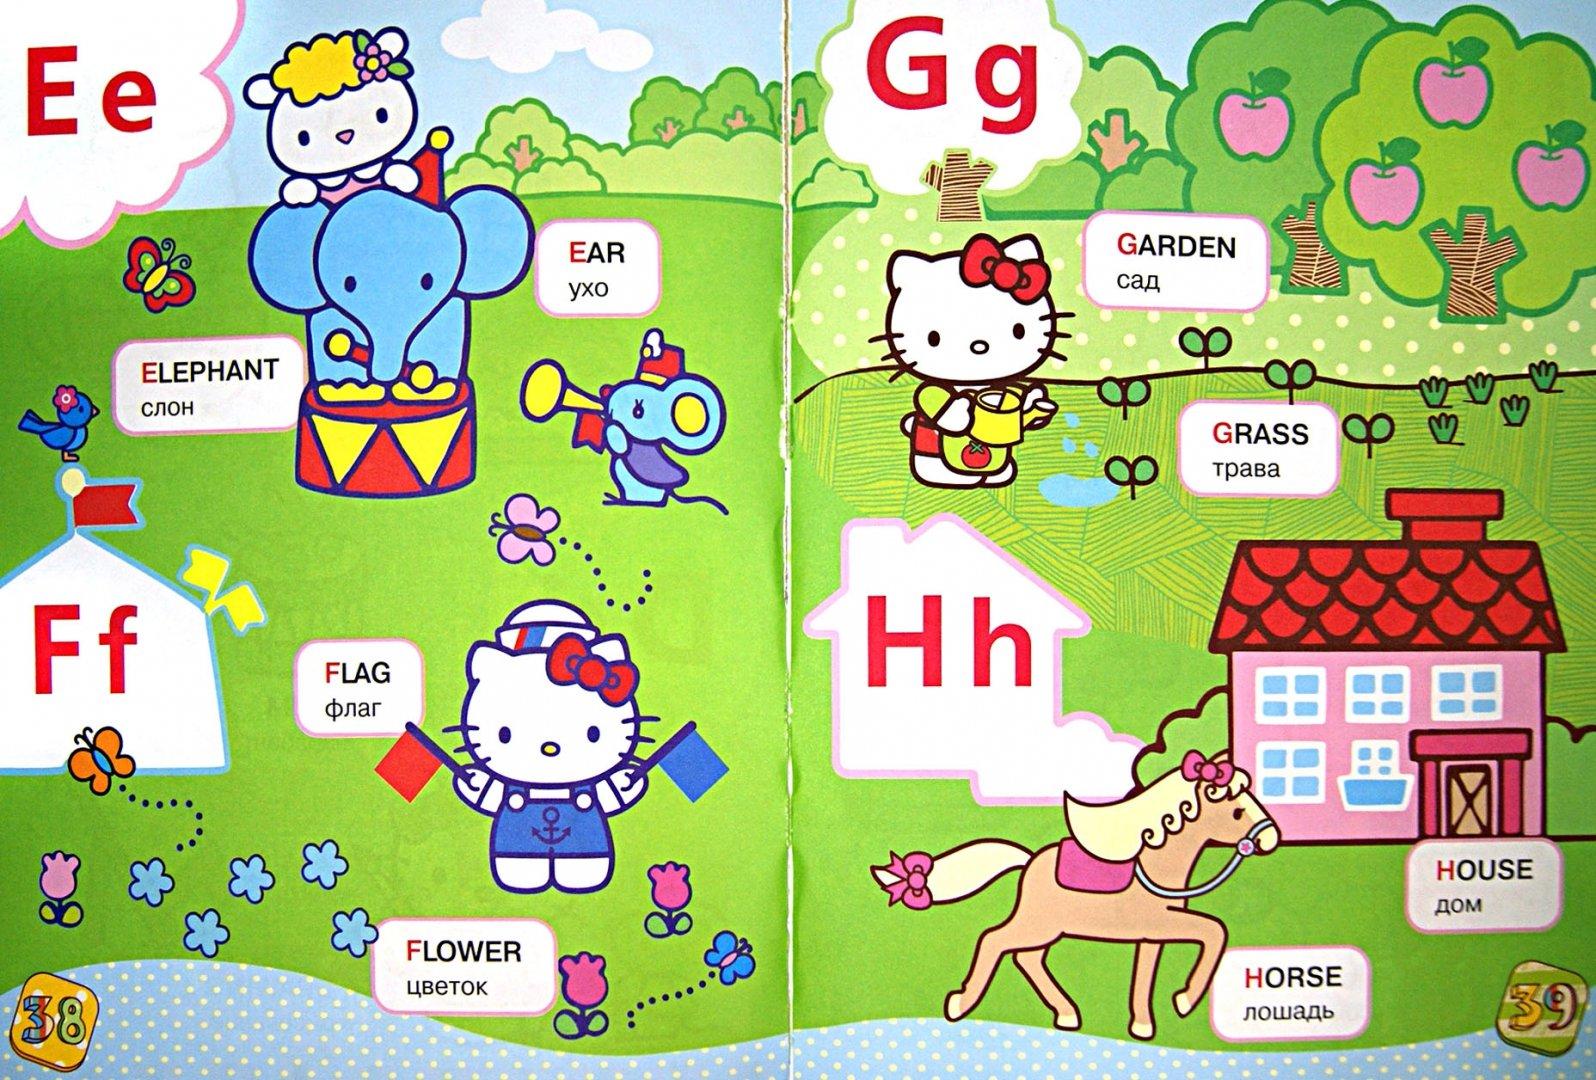 Иллюстрация 1 из 7 для Hello Kitty. Первый учебник для умных малышей | Лабиринт - книги. Источник: Лабиринт